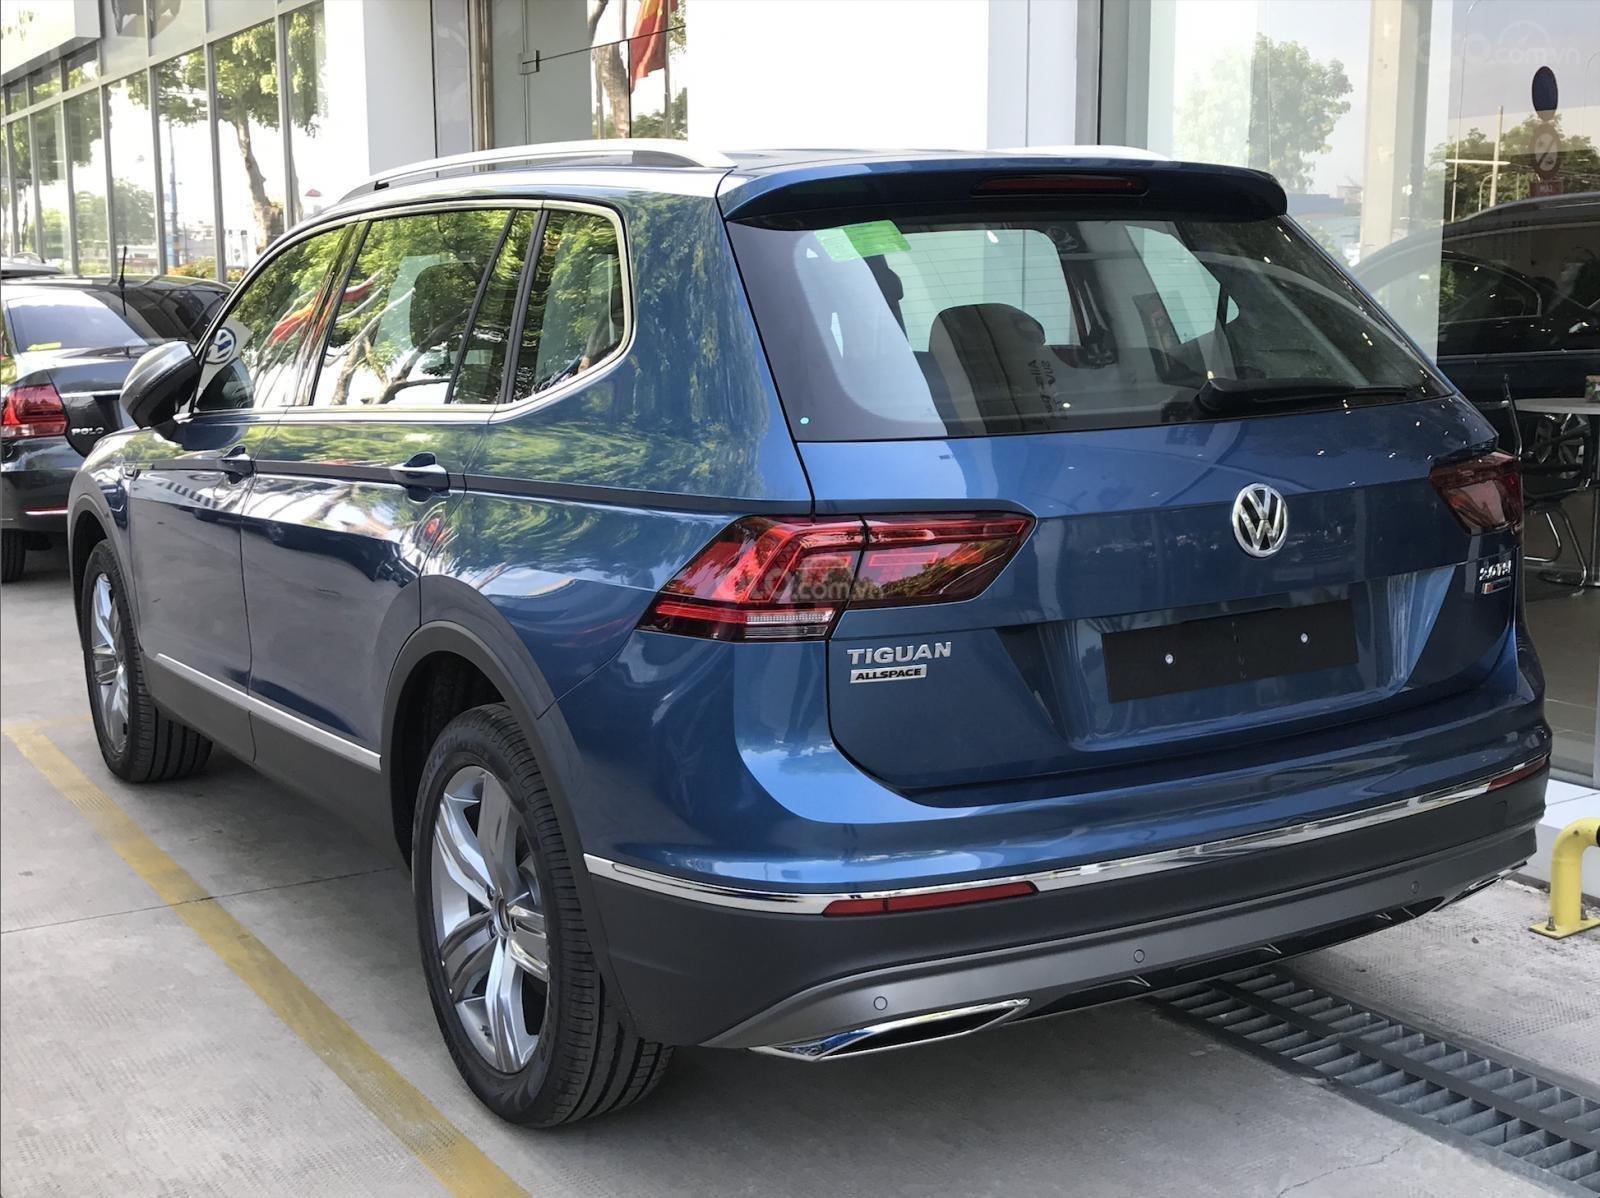 Khuyến mãi đặc biệt cho xe Tiguan Luxury 2020 màu xanh, Ms. Lan Phương VW Sài Gòn (2)